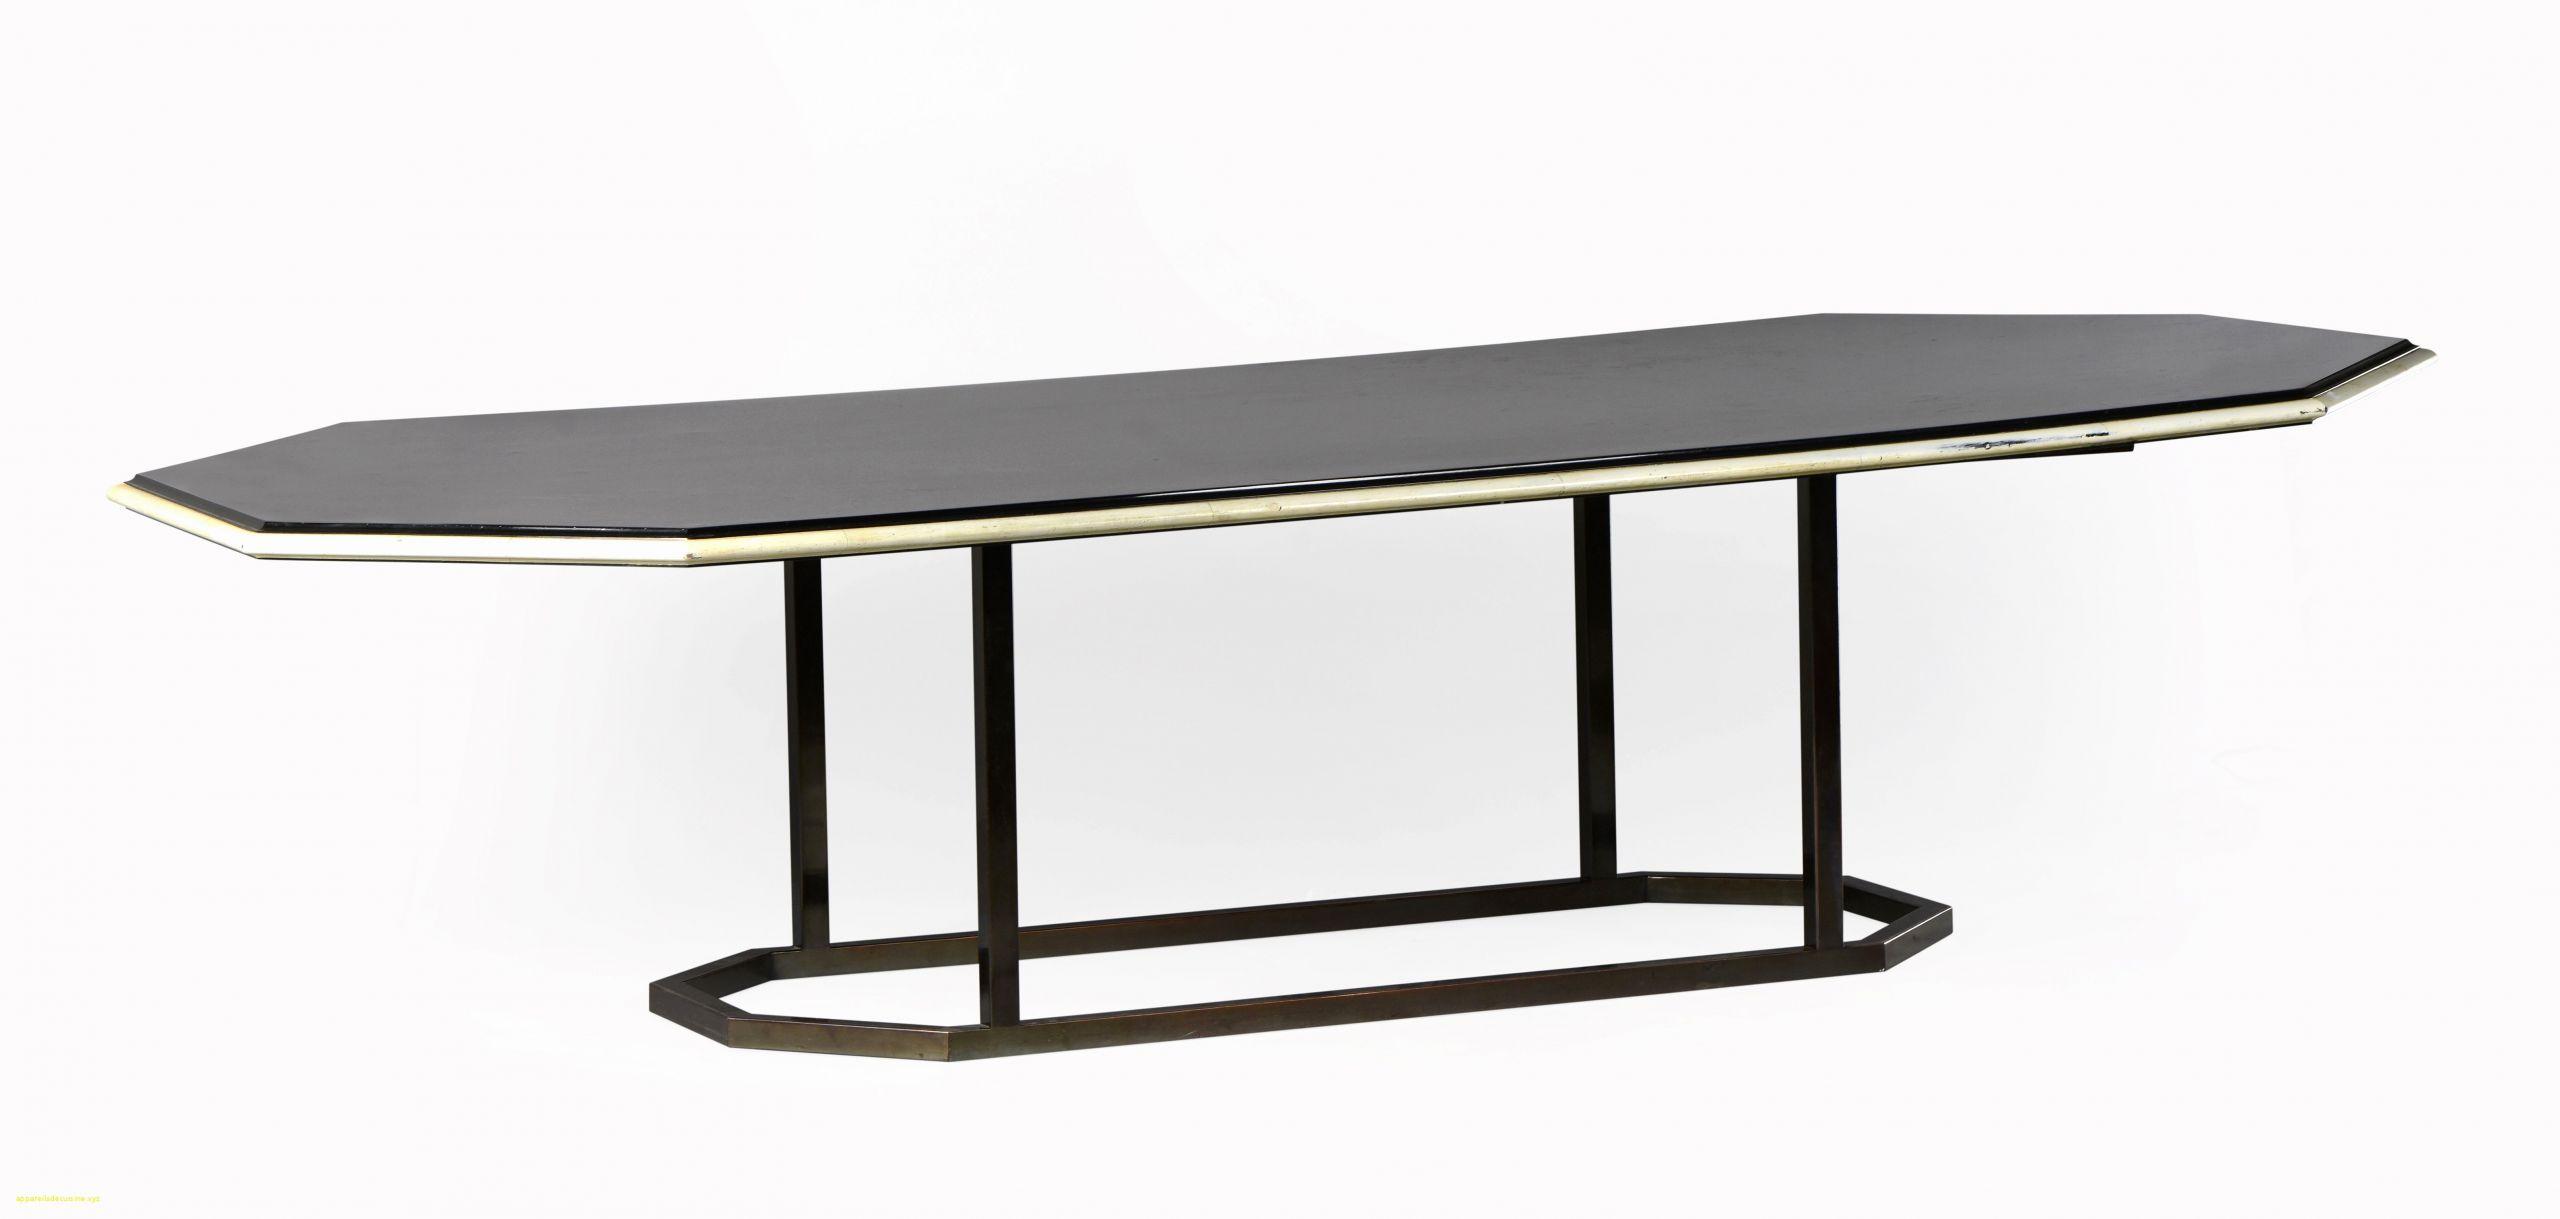 console meuble but meuble console nouveau meuble noir et bois meuble blanc 0d of console meuble but